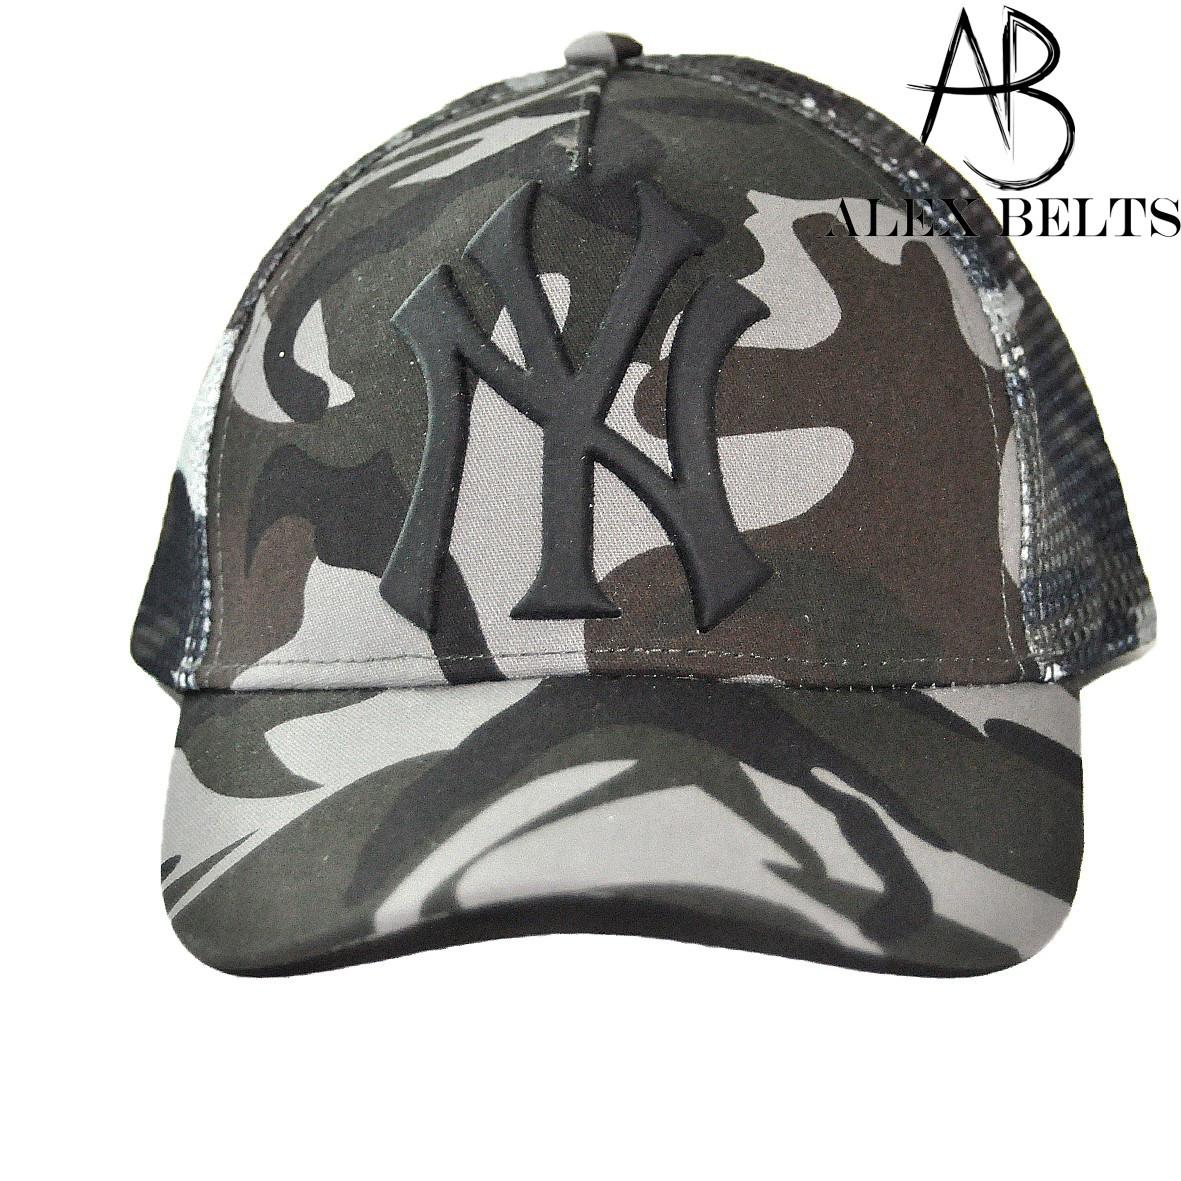 Мужская кепка бейсболка New York Yankess  (хаки) р. 57-59-купить оптом в Одессе